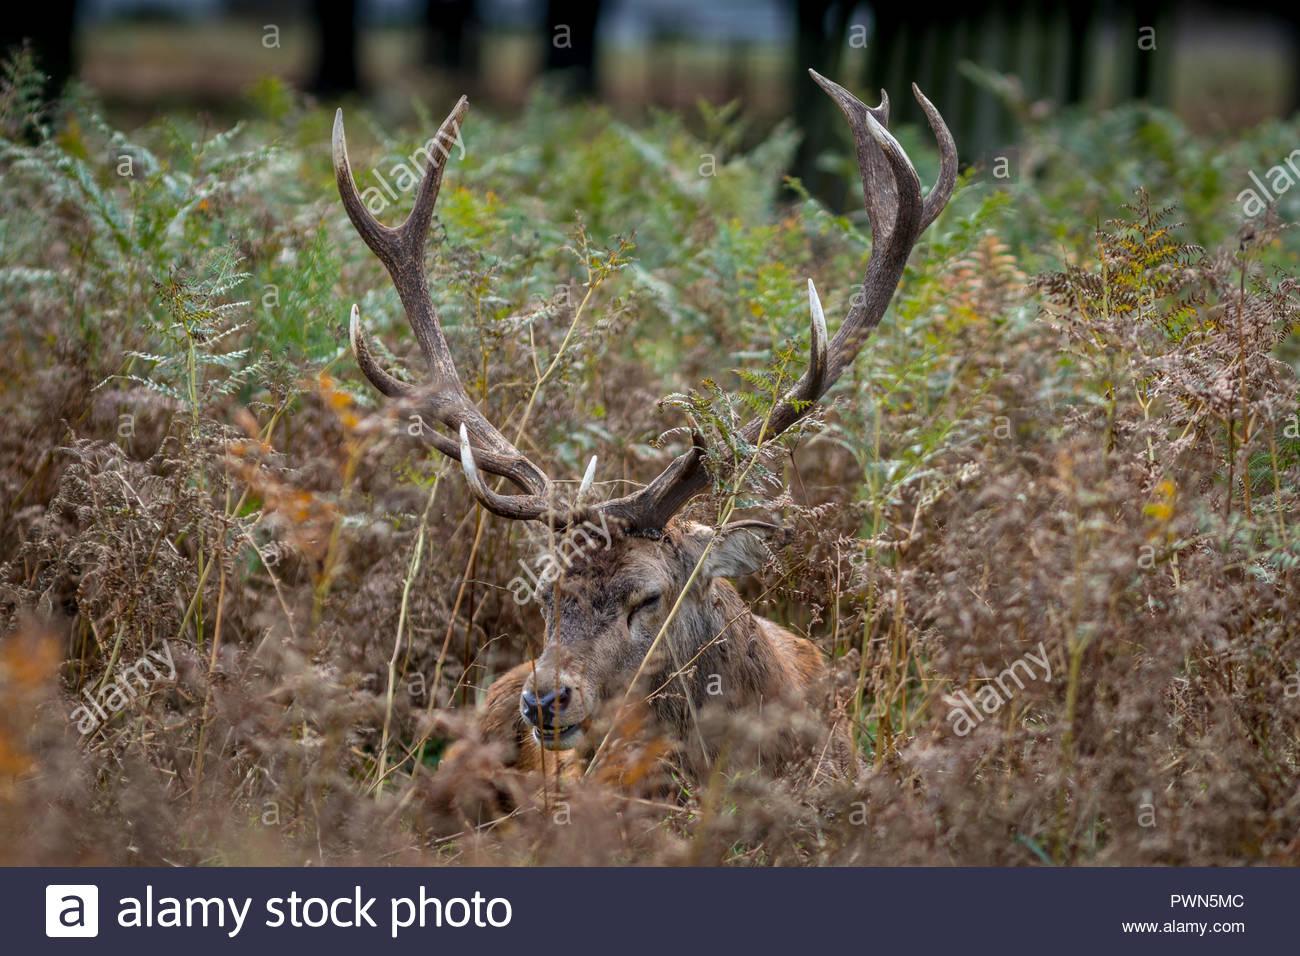 Eine traurige, Red Deer stag verbirgt allein in einem Masse der Farne und Gräser im Herbst Furche. Stockbild